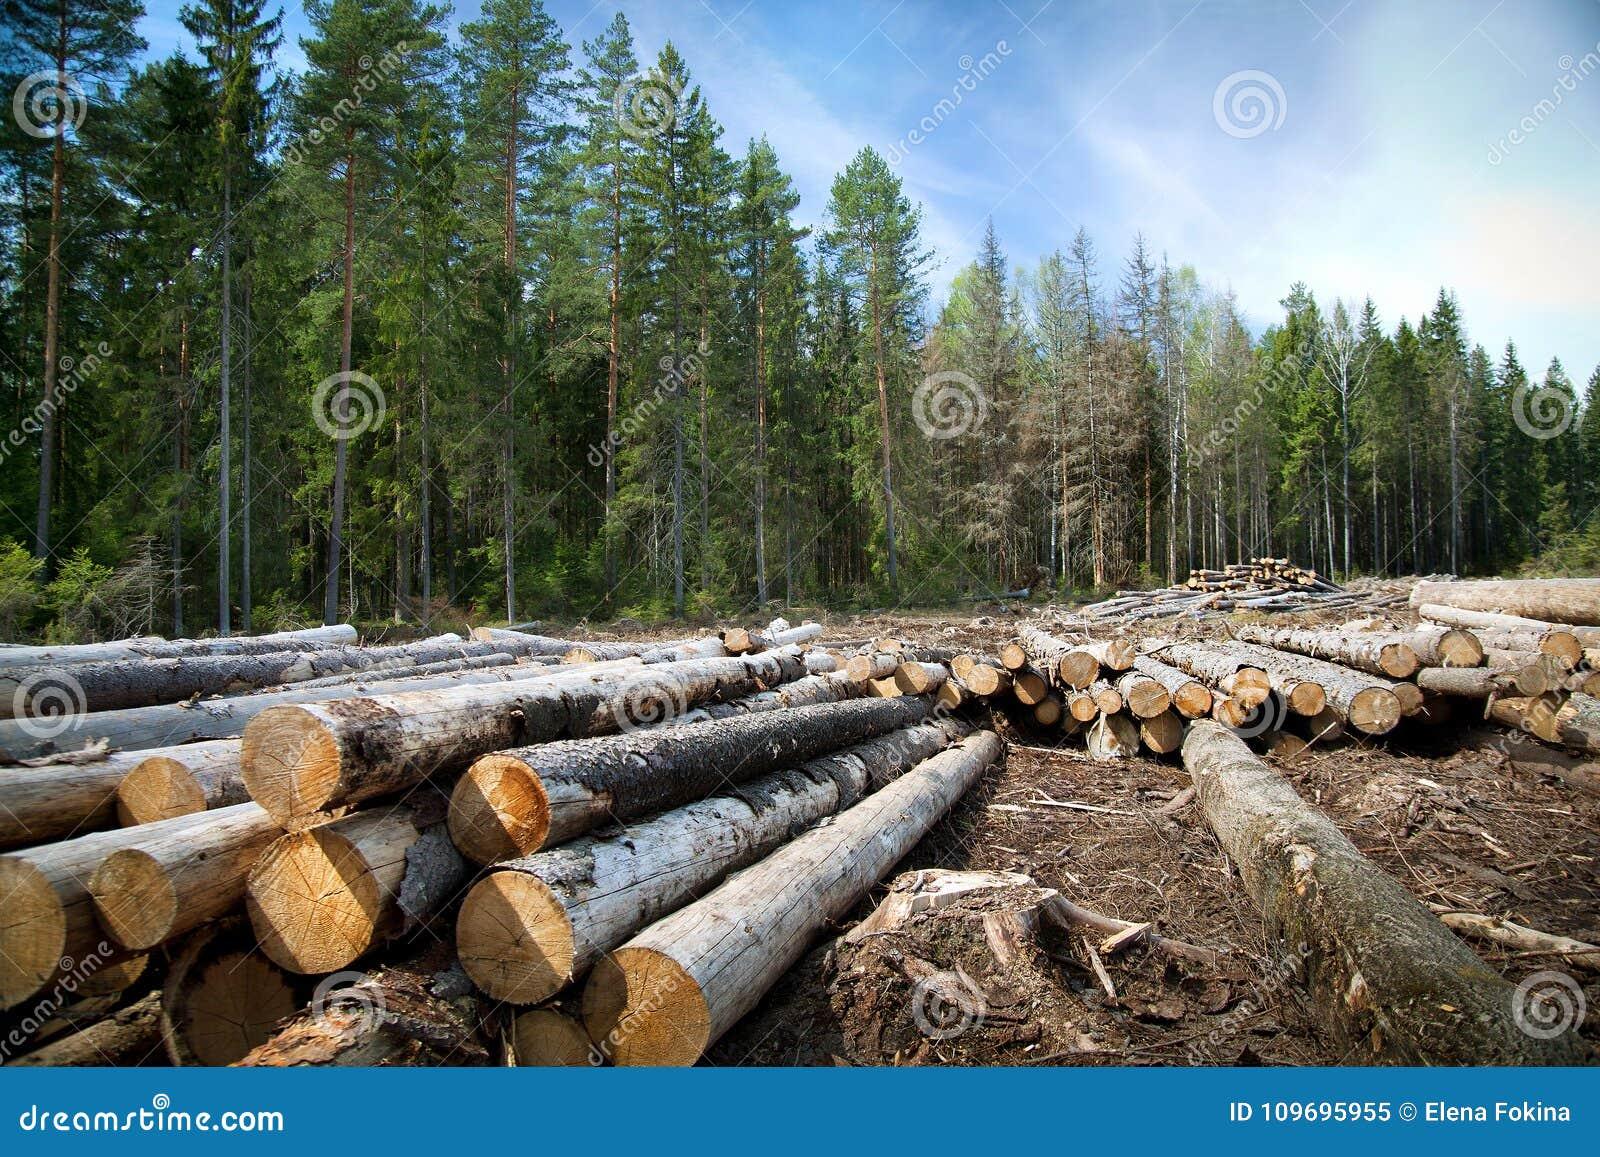 Desflorestamento em áreas rurais Suporte a colheita